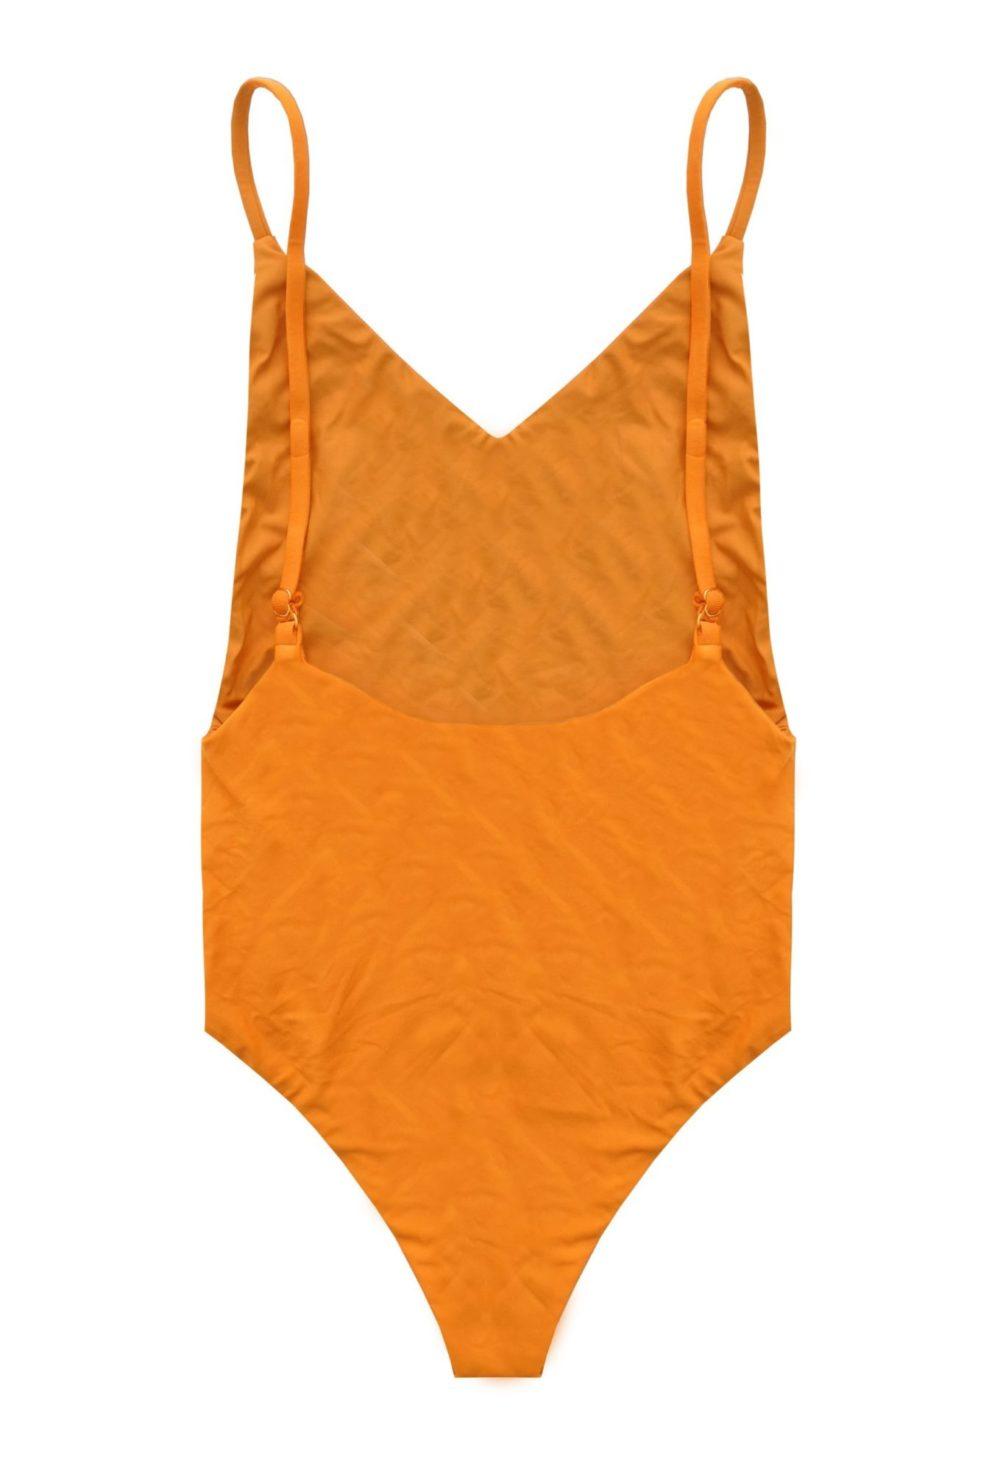 sustainable swimwear peach